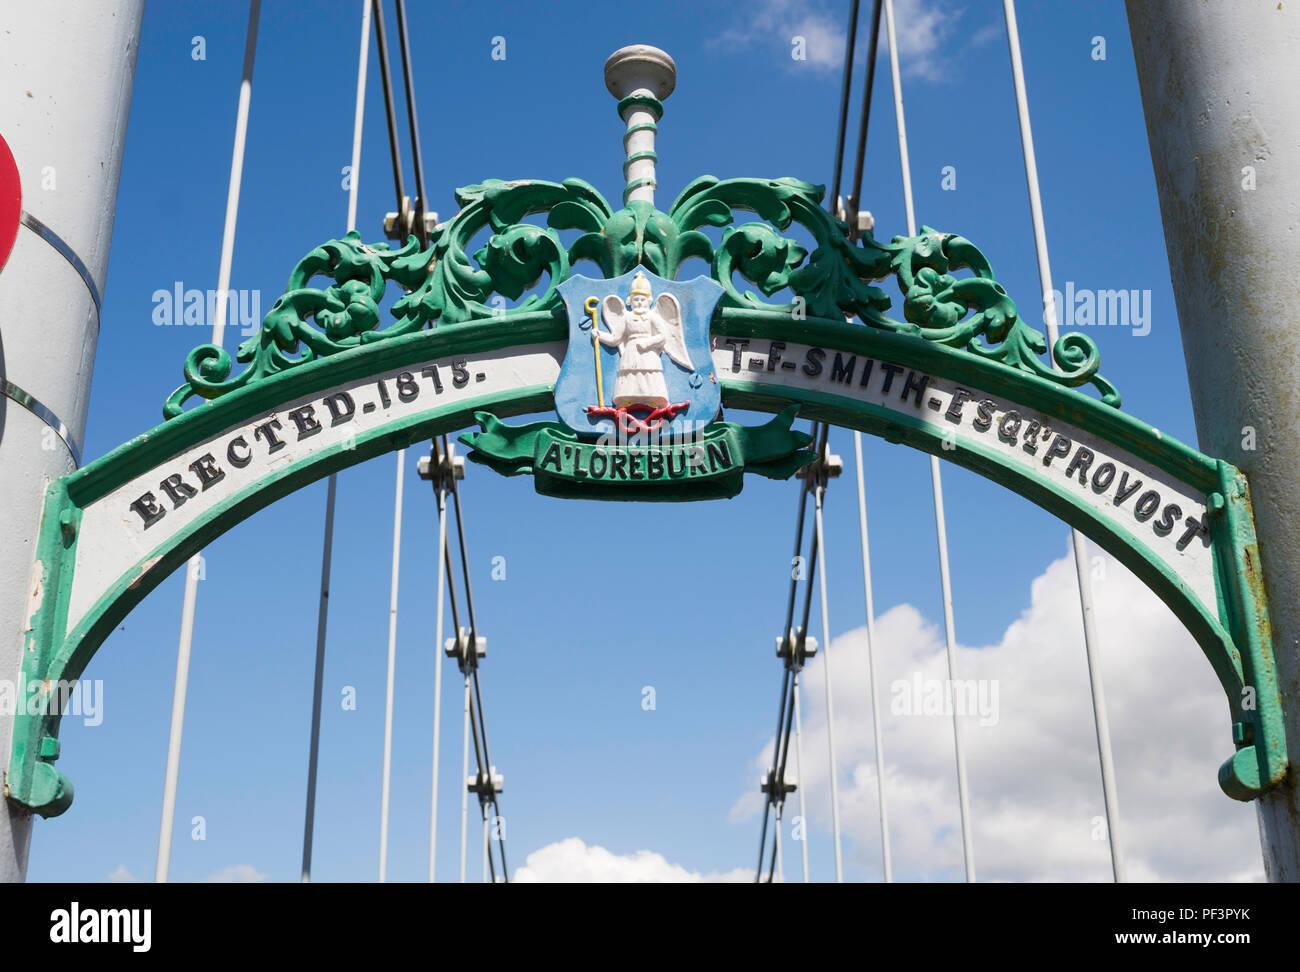 Verzierten gusseisernen Strahl mit Dumfries Crest auf Whitesands suspension Fußgängerbrücke, Dumfries, Dumfries und Galloway, Schottland, Großbritannien Stockbild